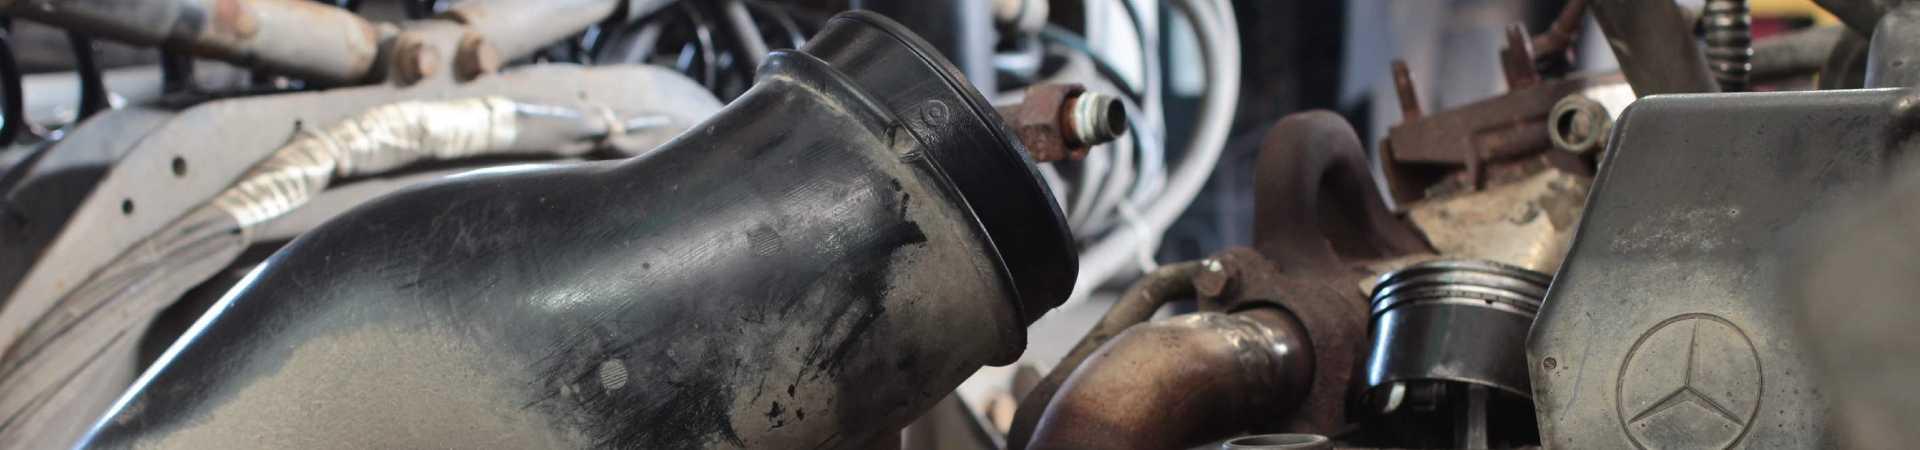 Ремонт электрооборудования грузового автомобиля